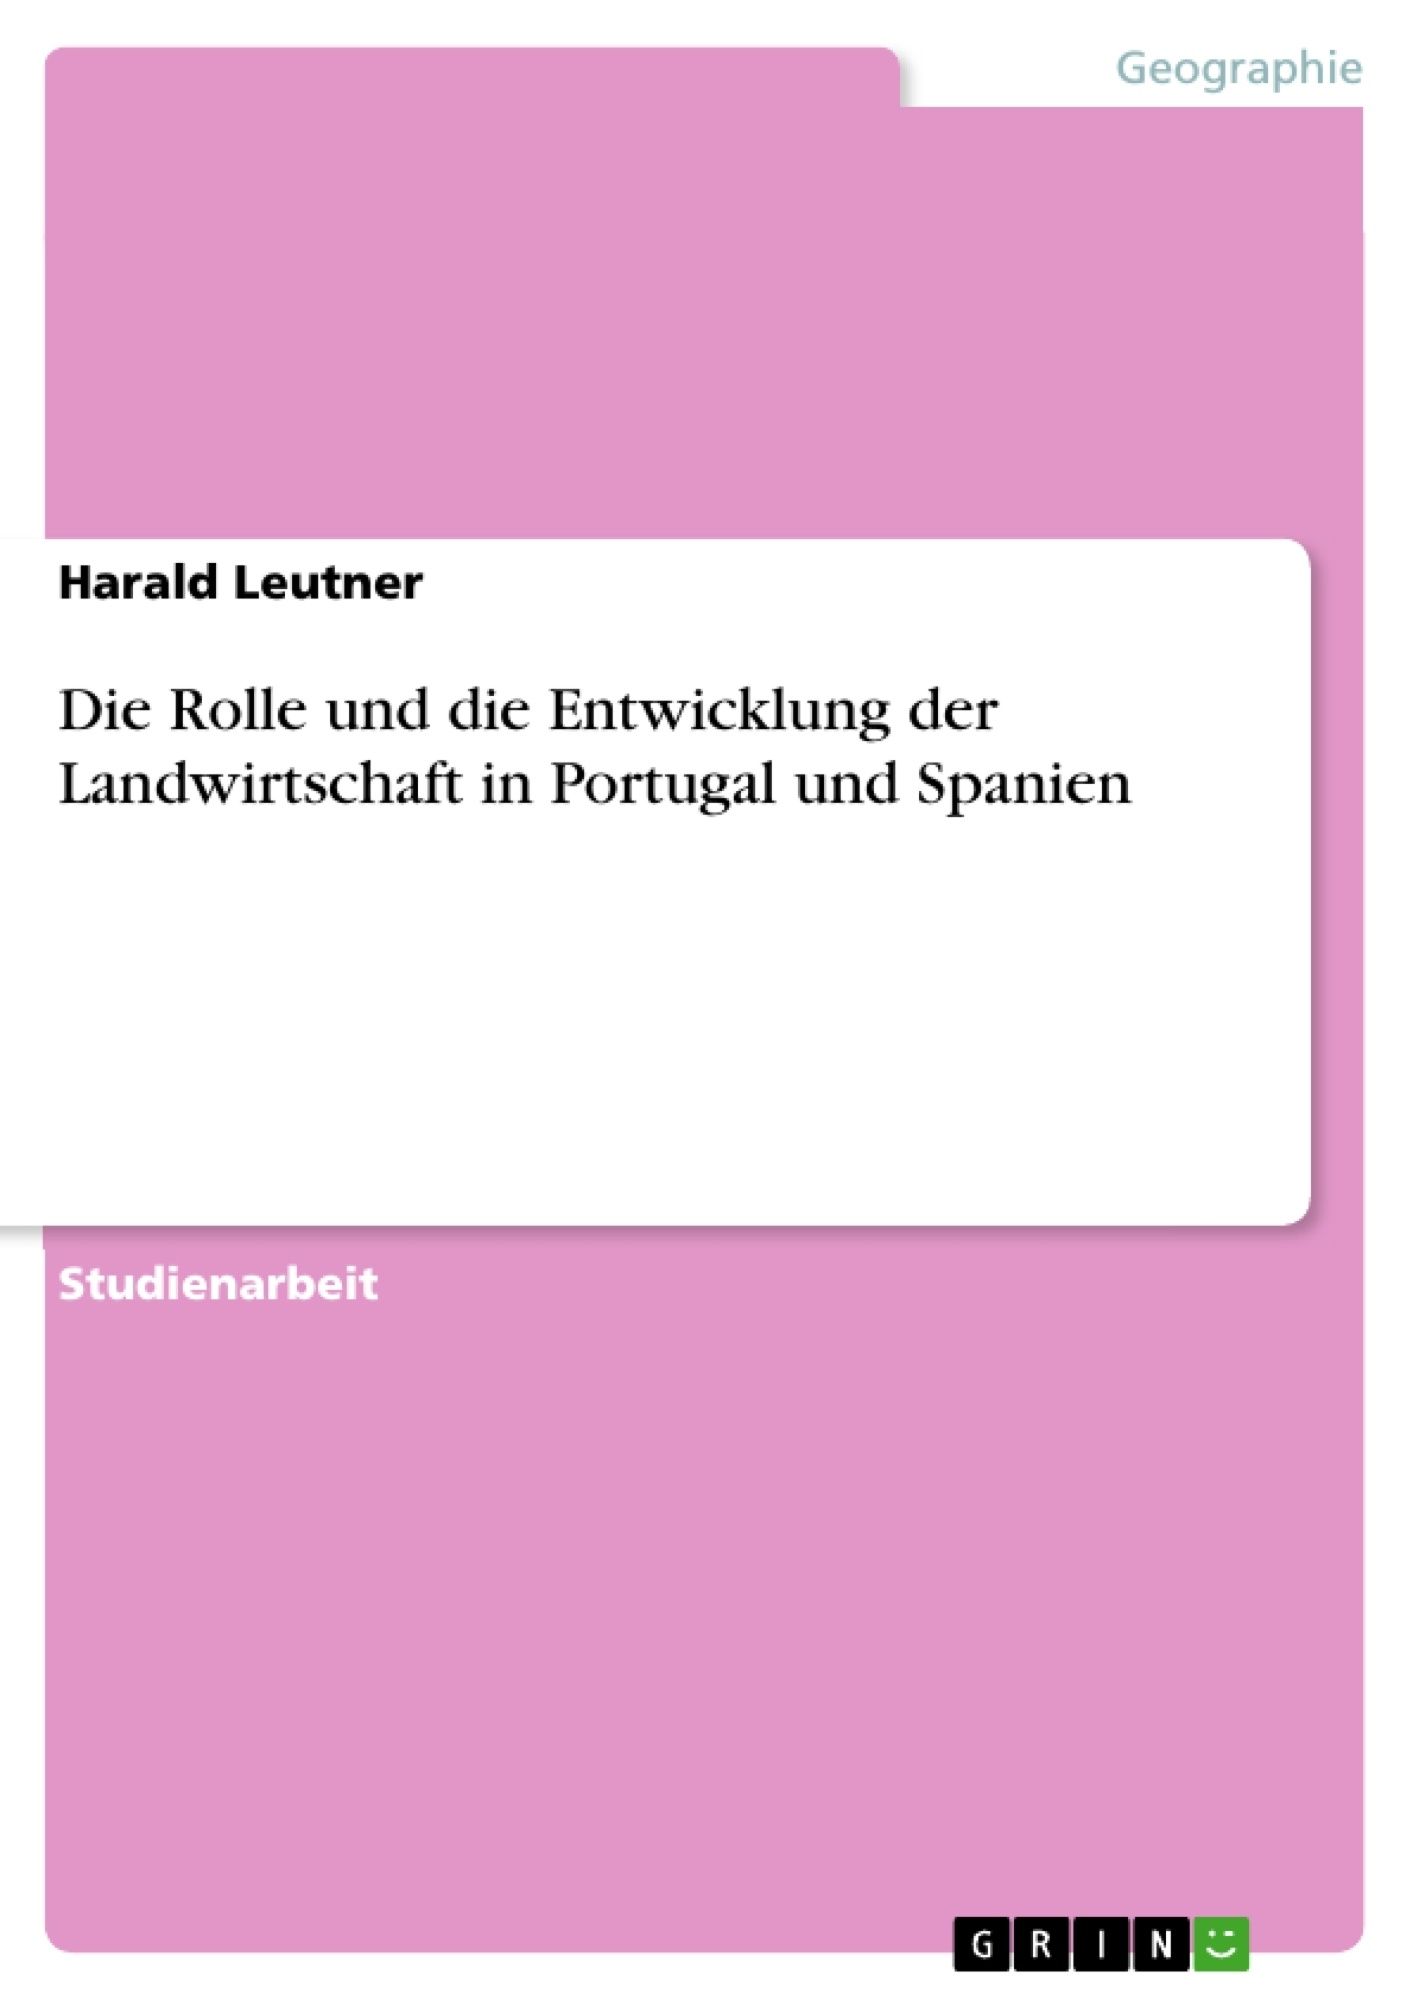 Titel: Die Rolle und die Entwicklung der Landwirtschaft in Portugal und Spanien